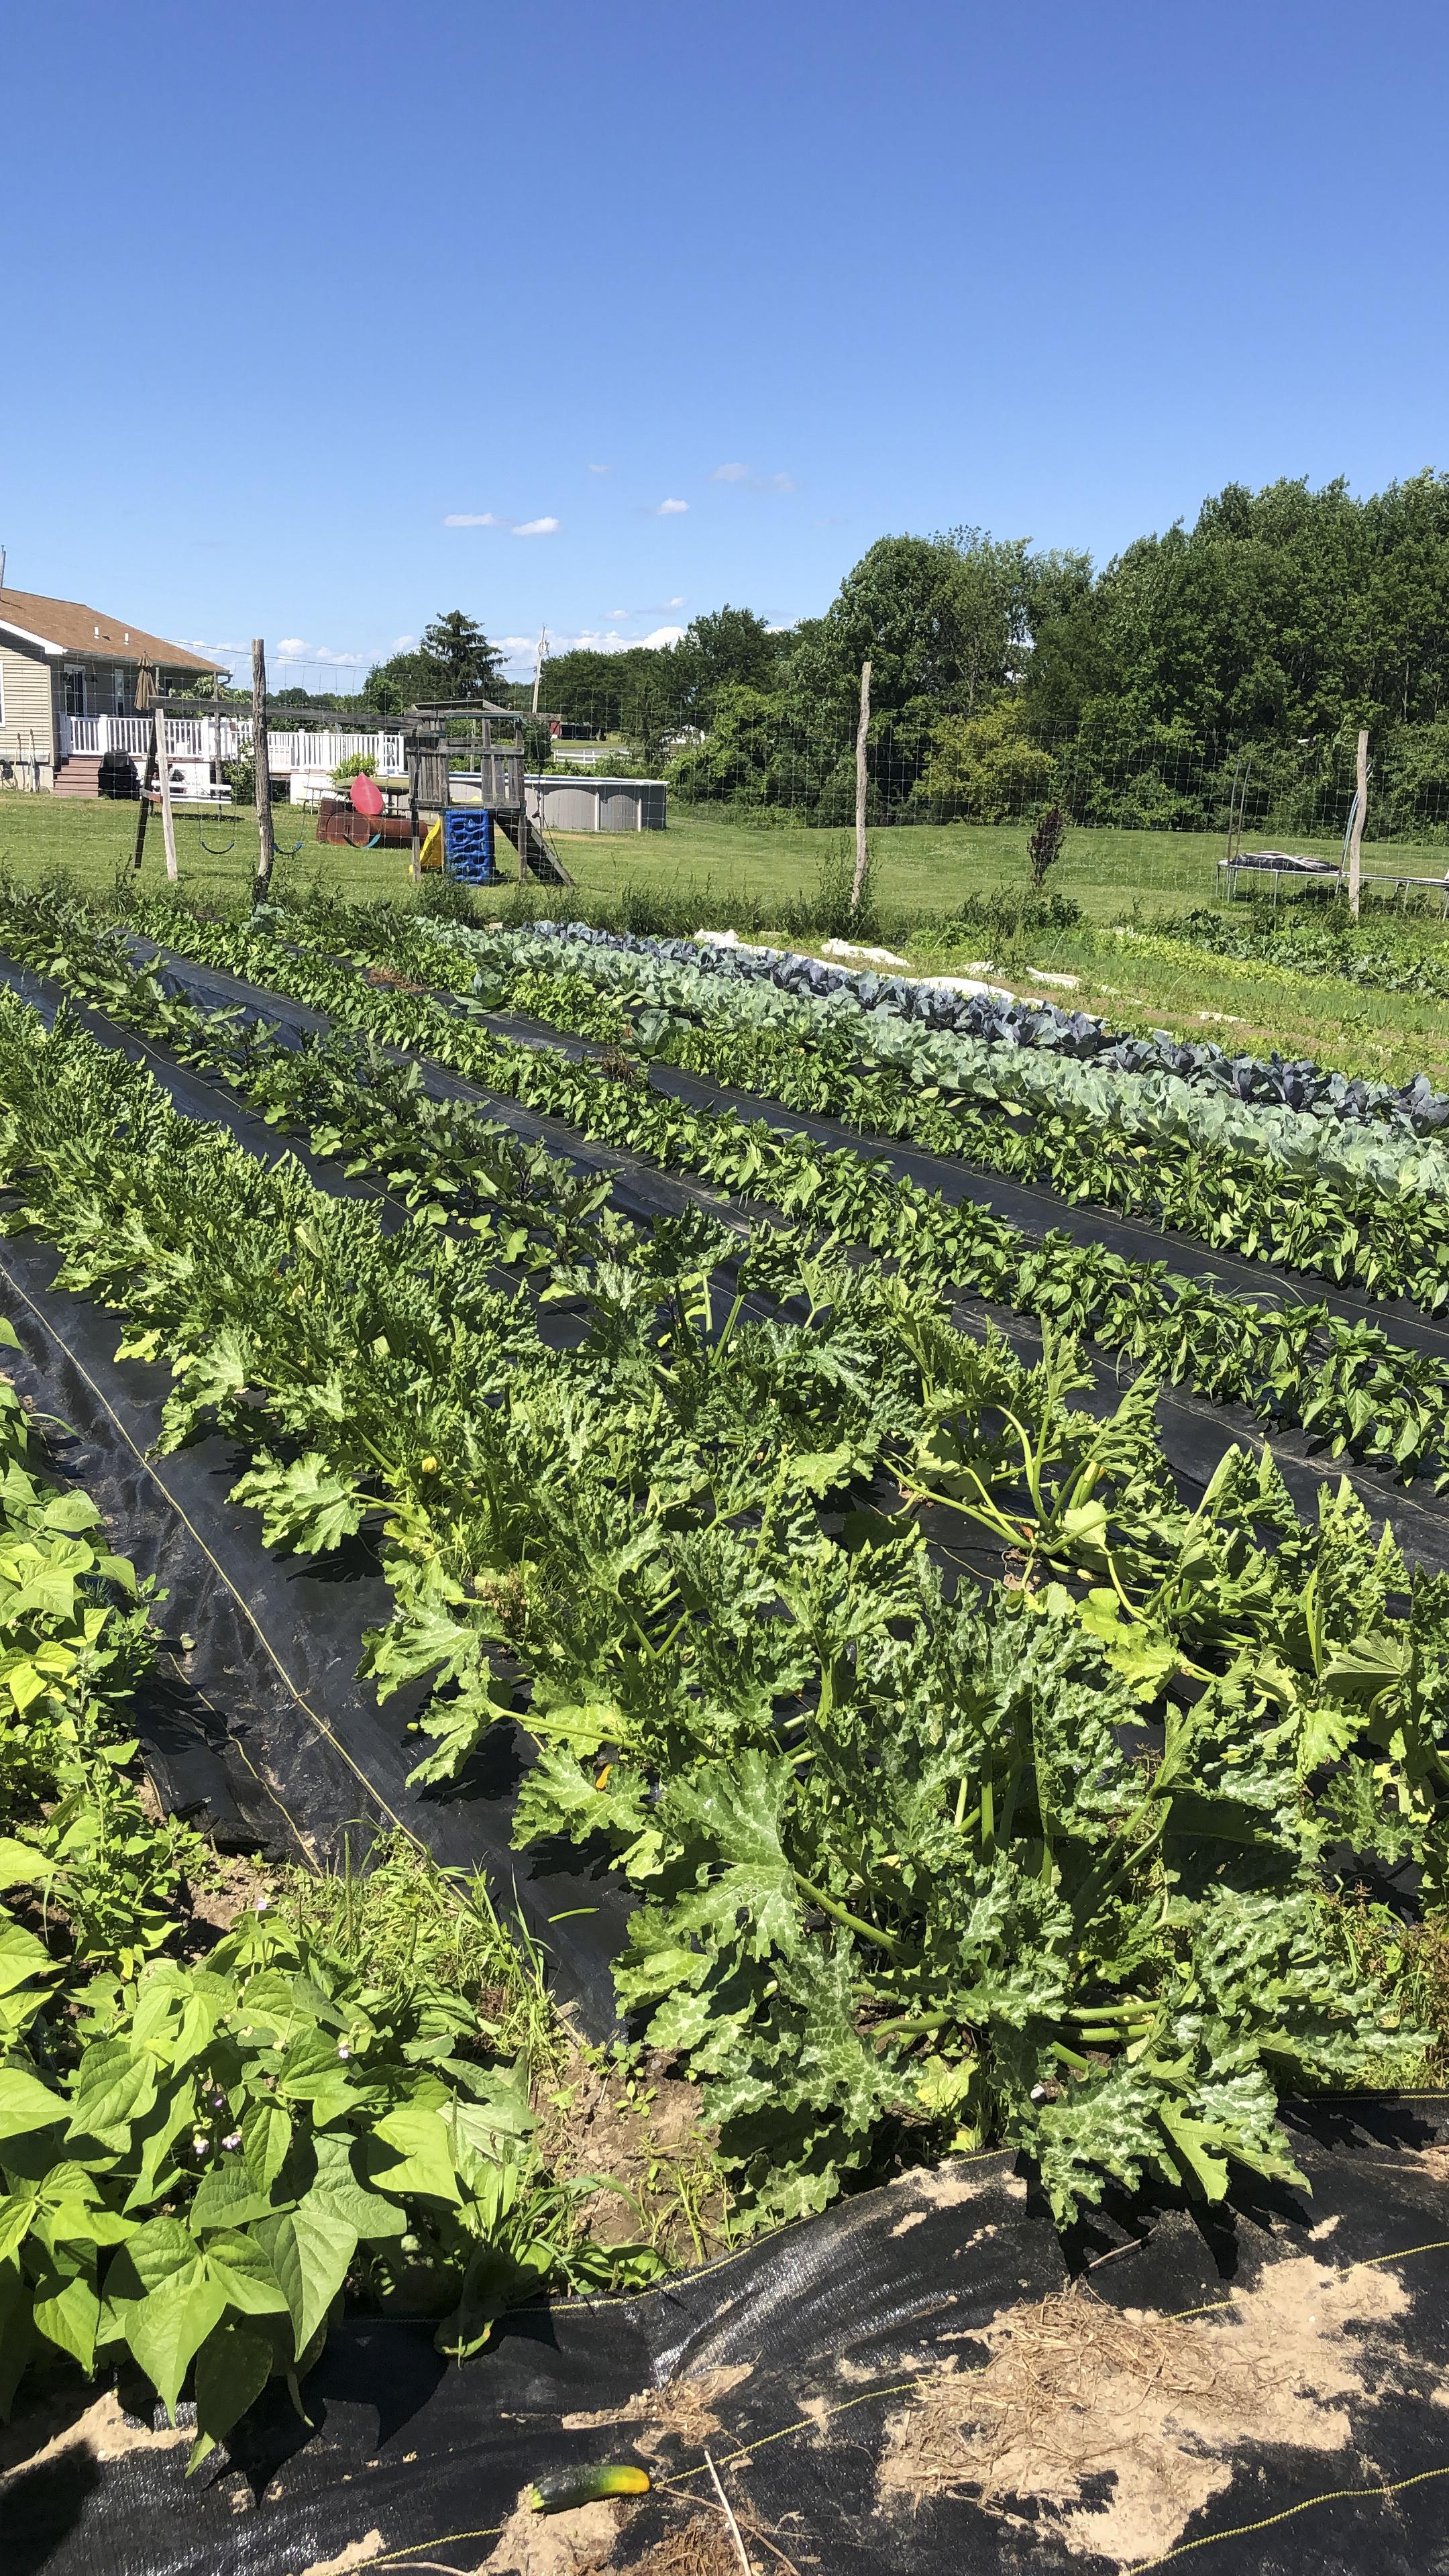 kale-growing-at-heneghans-farm.jpg